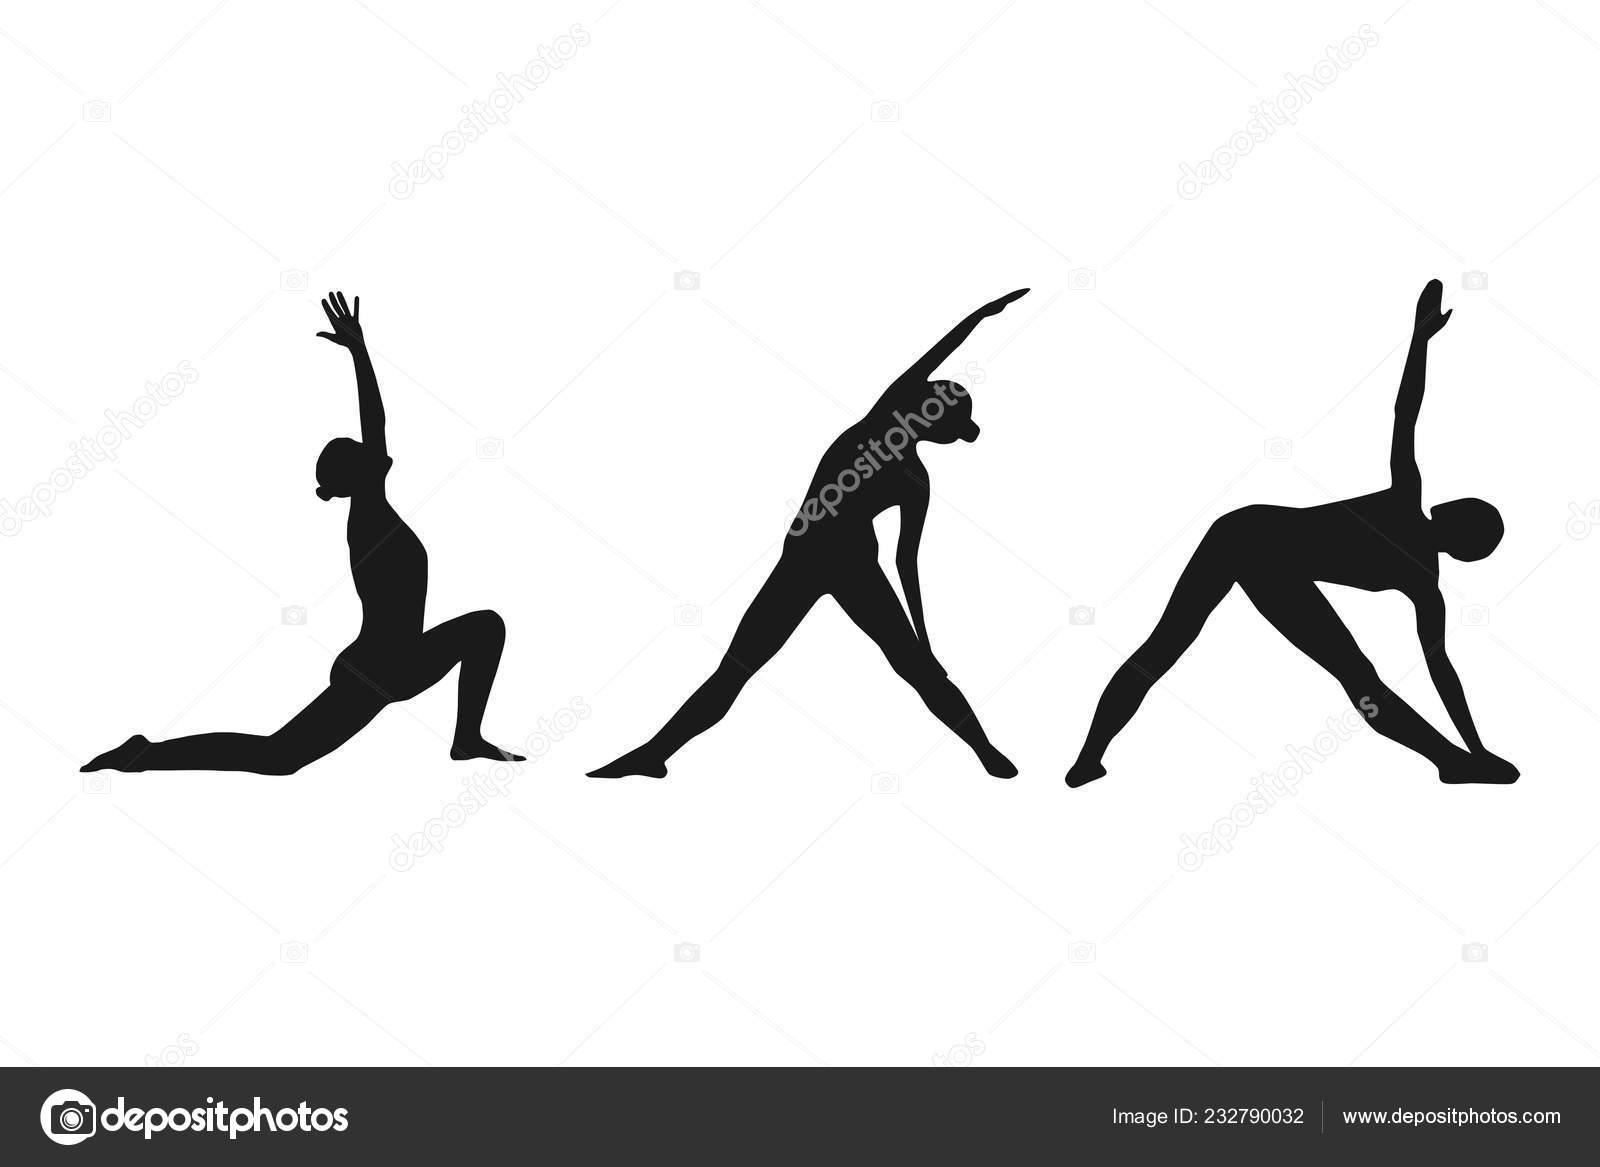 Female silhouette in yoga poses. Black white vector illustration. 32